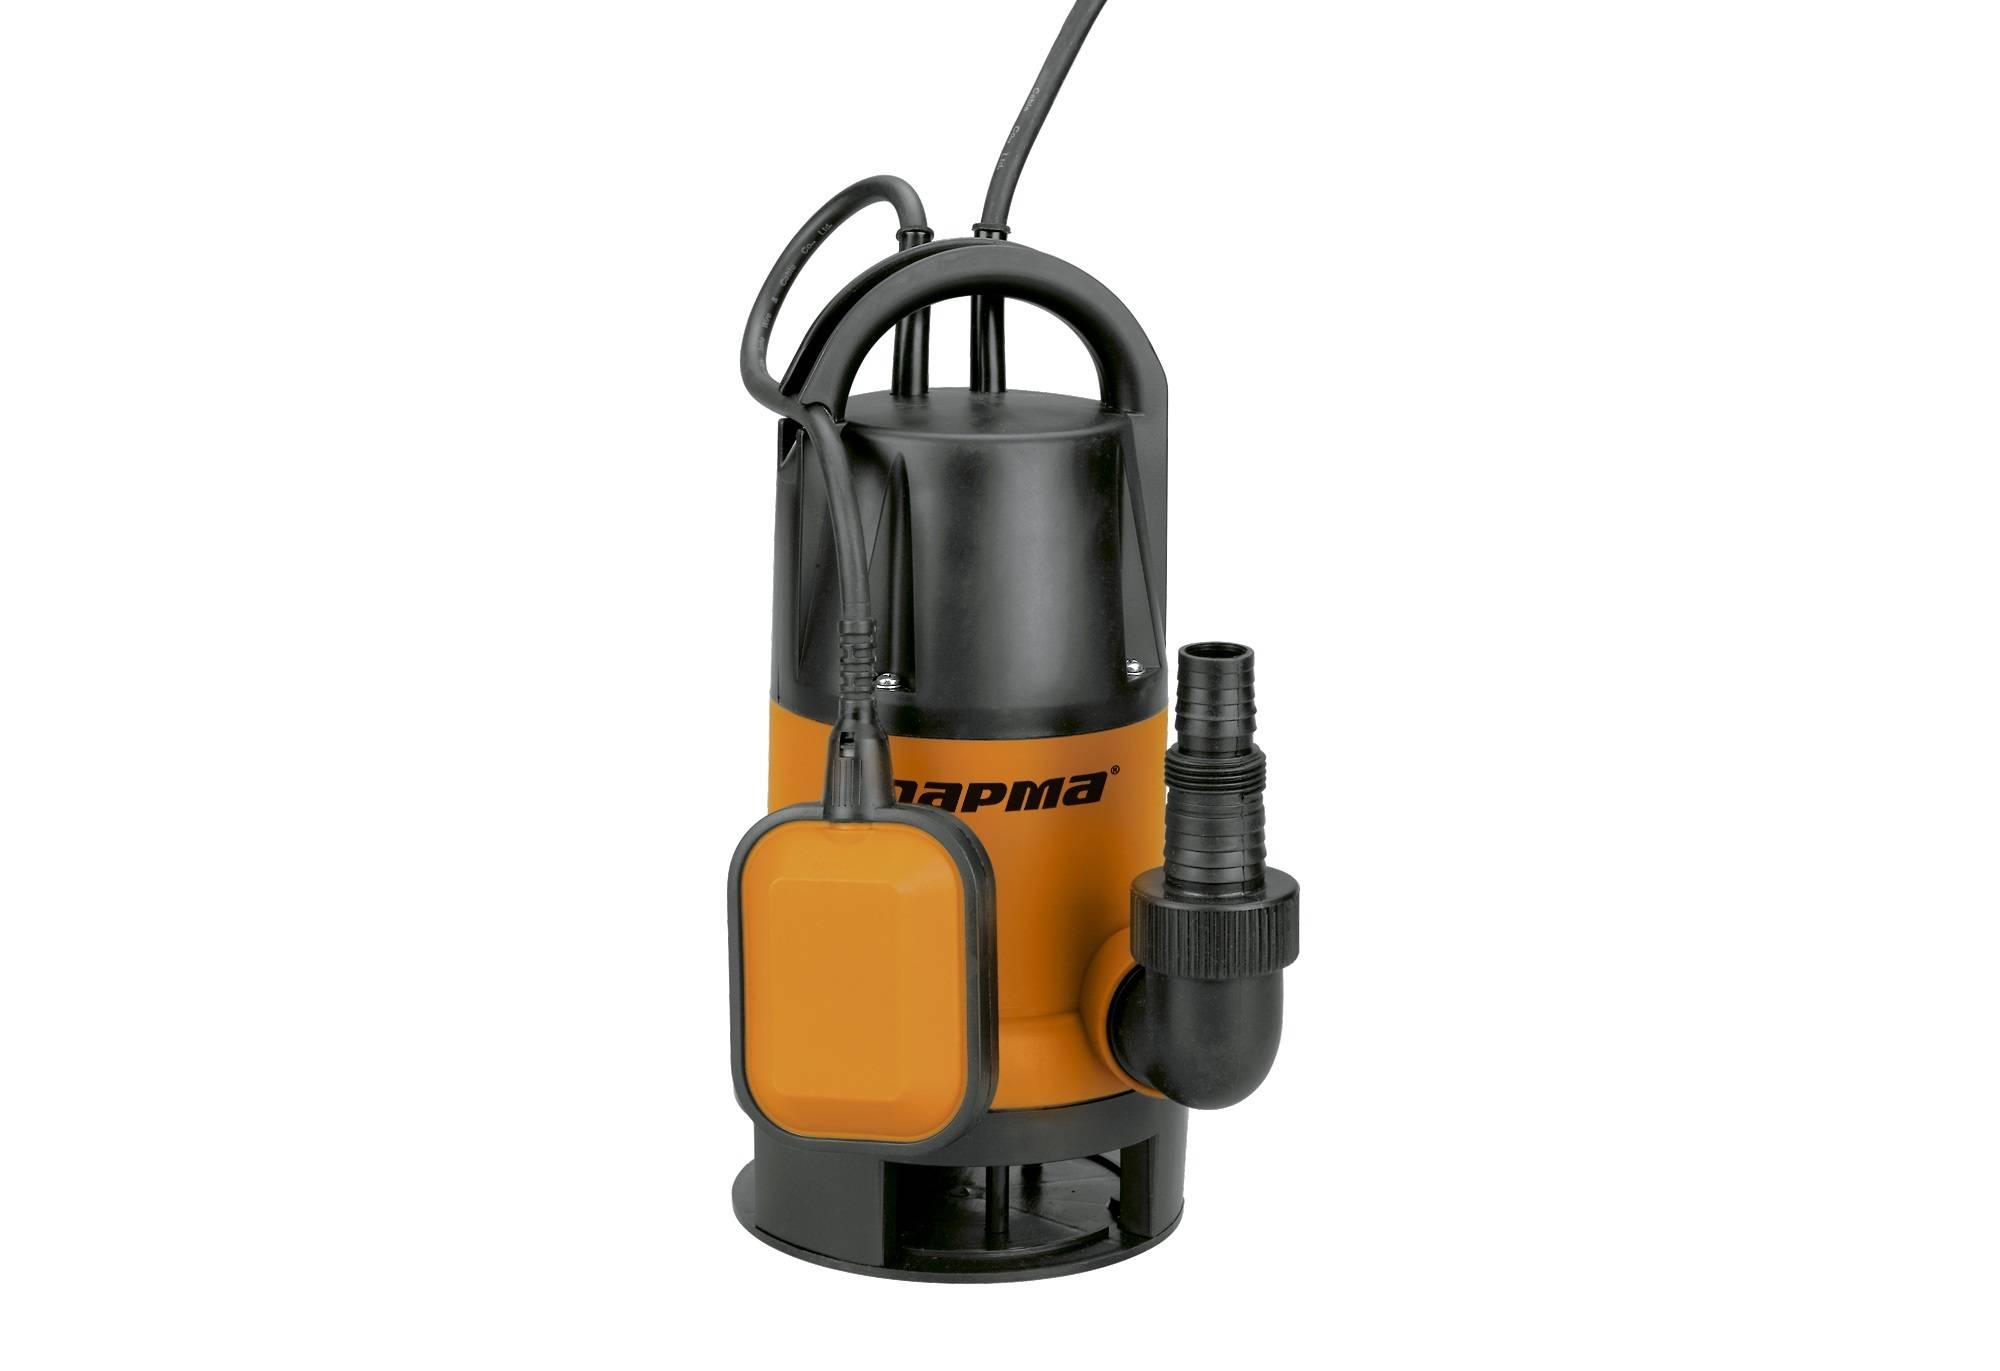 Фекальные насосы для канализации в частном доме: какой вид выбрать, установка и характеристики